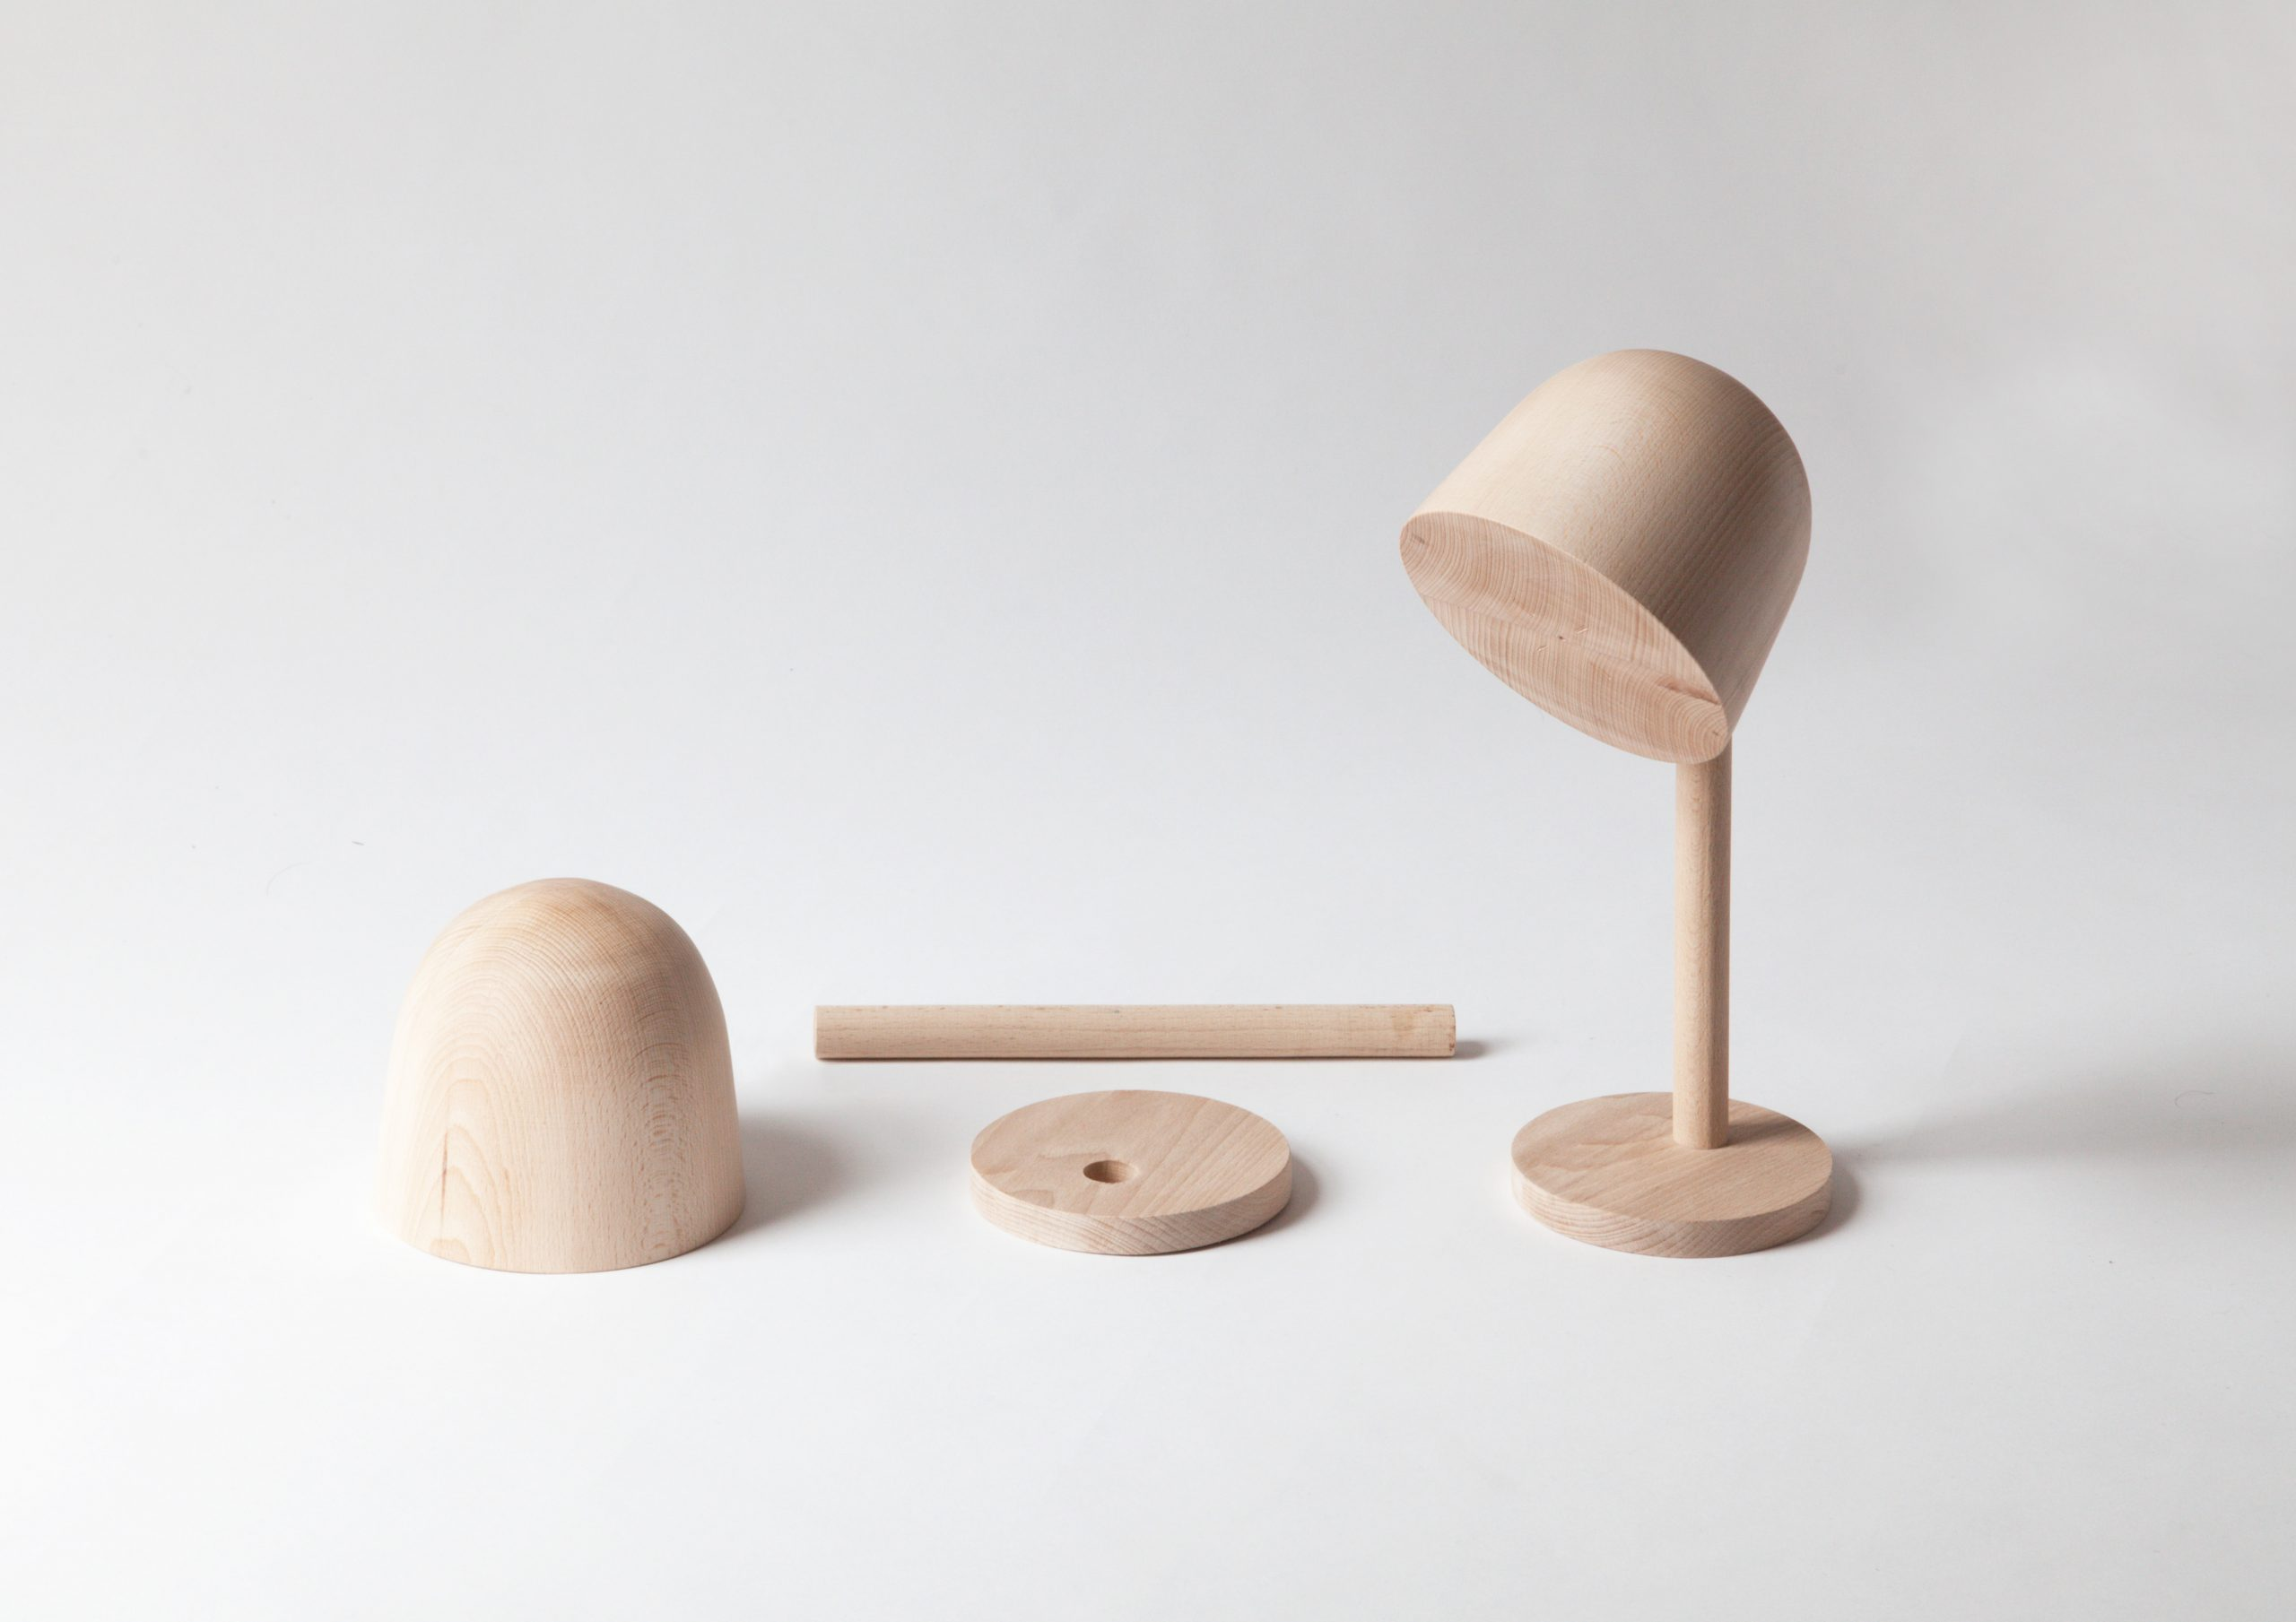 Wood model of Campanule lamp by Debiasi sandri for Ligne Roset